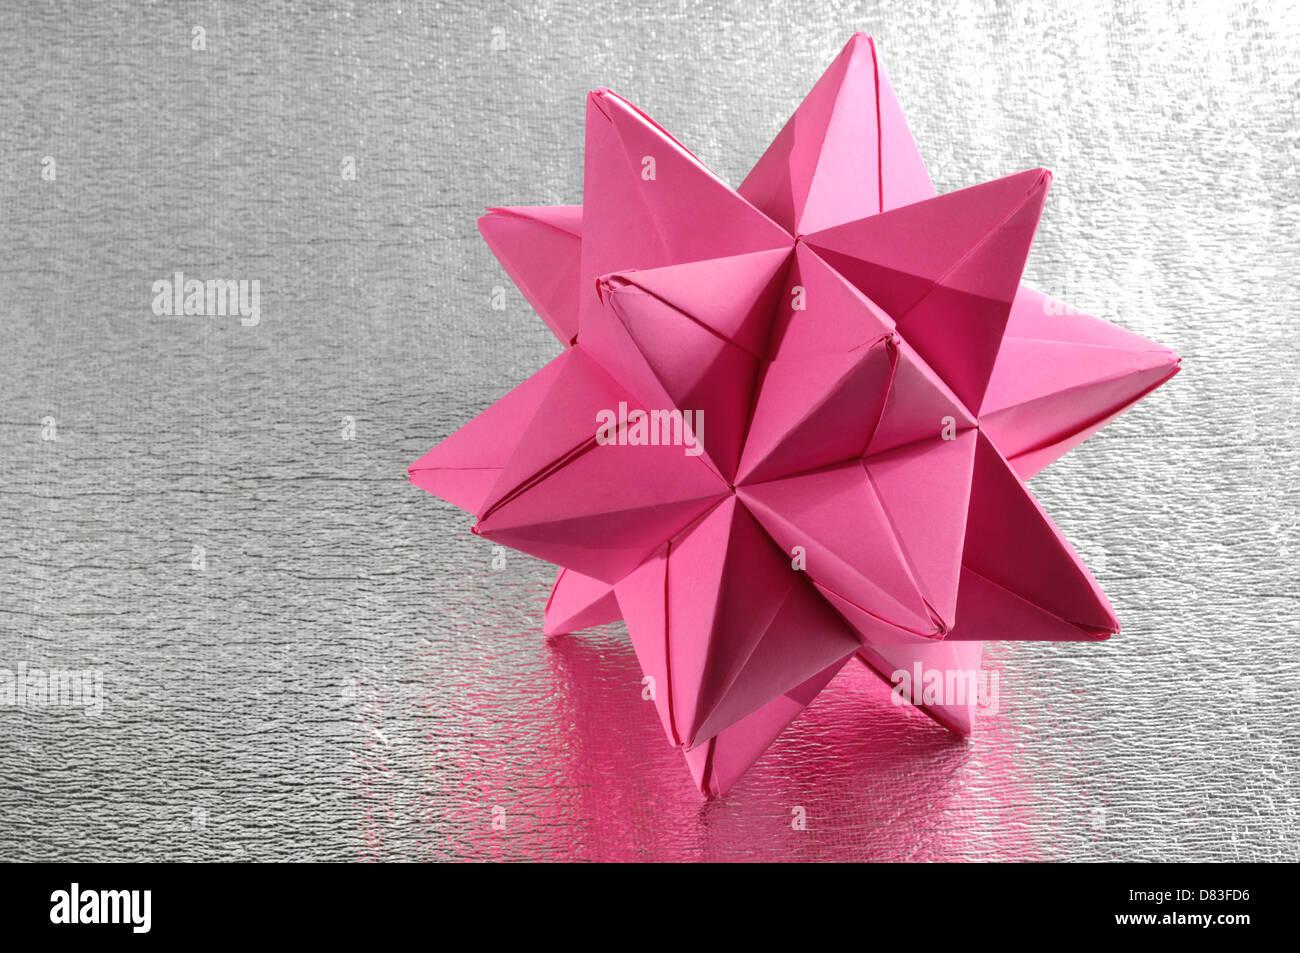 Abstrakte lila Origami Polyeder Figur auf silbernen Hintergrund Stockbild